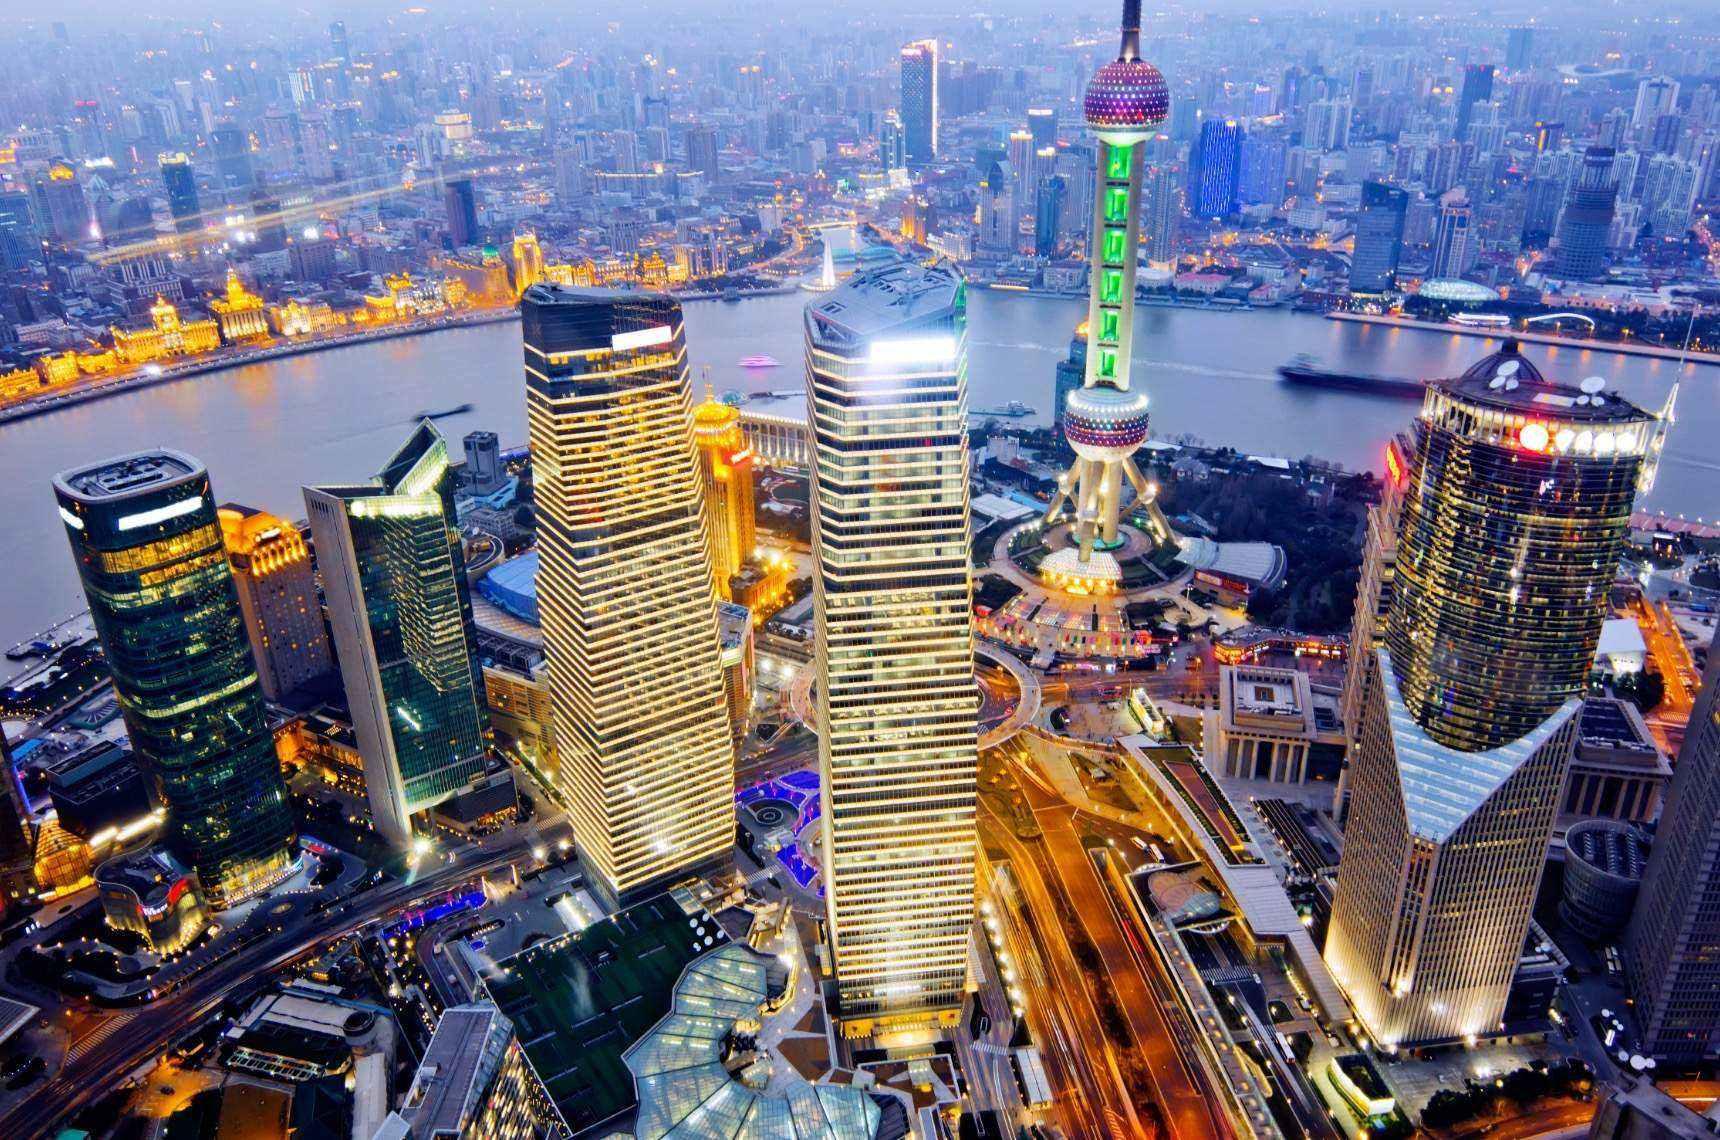 專家認為 上海自貿區新片區試驗內容有驚喜